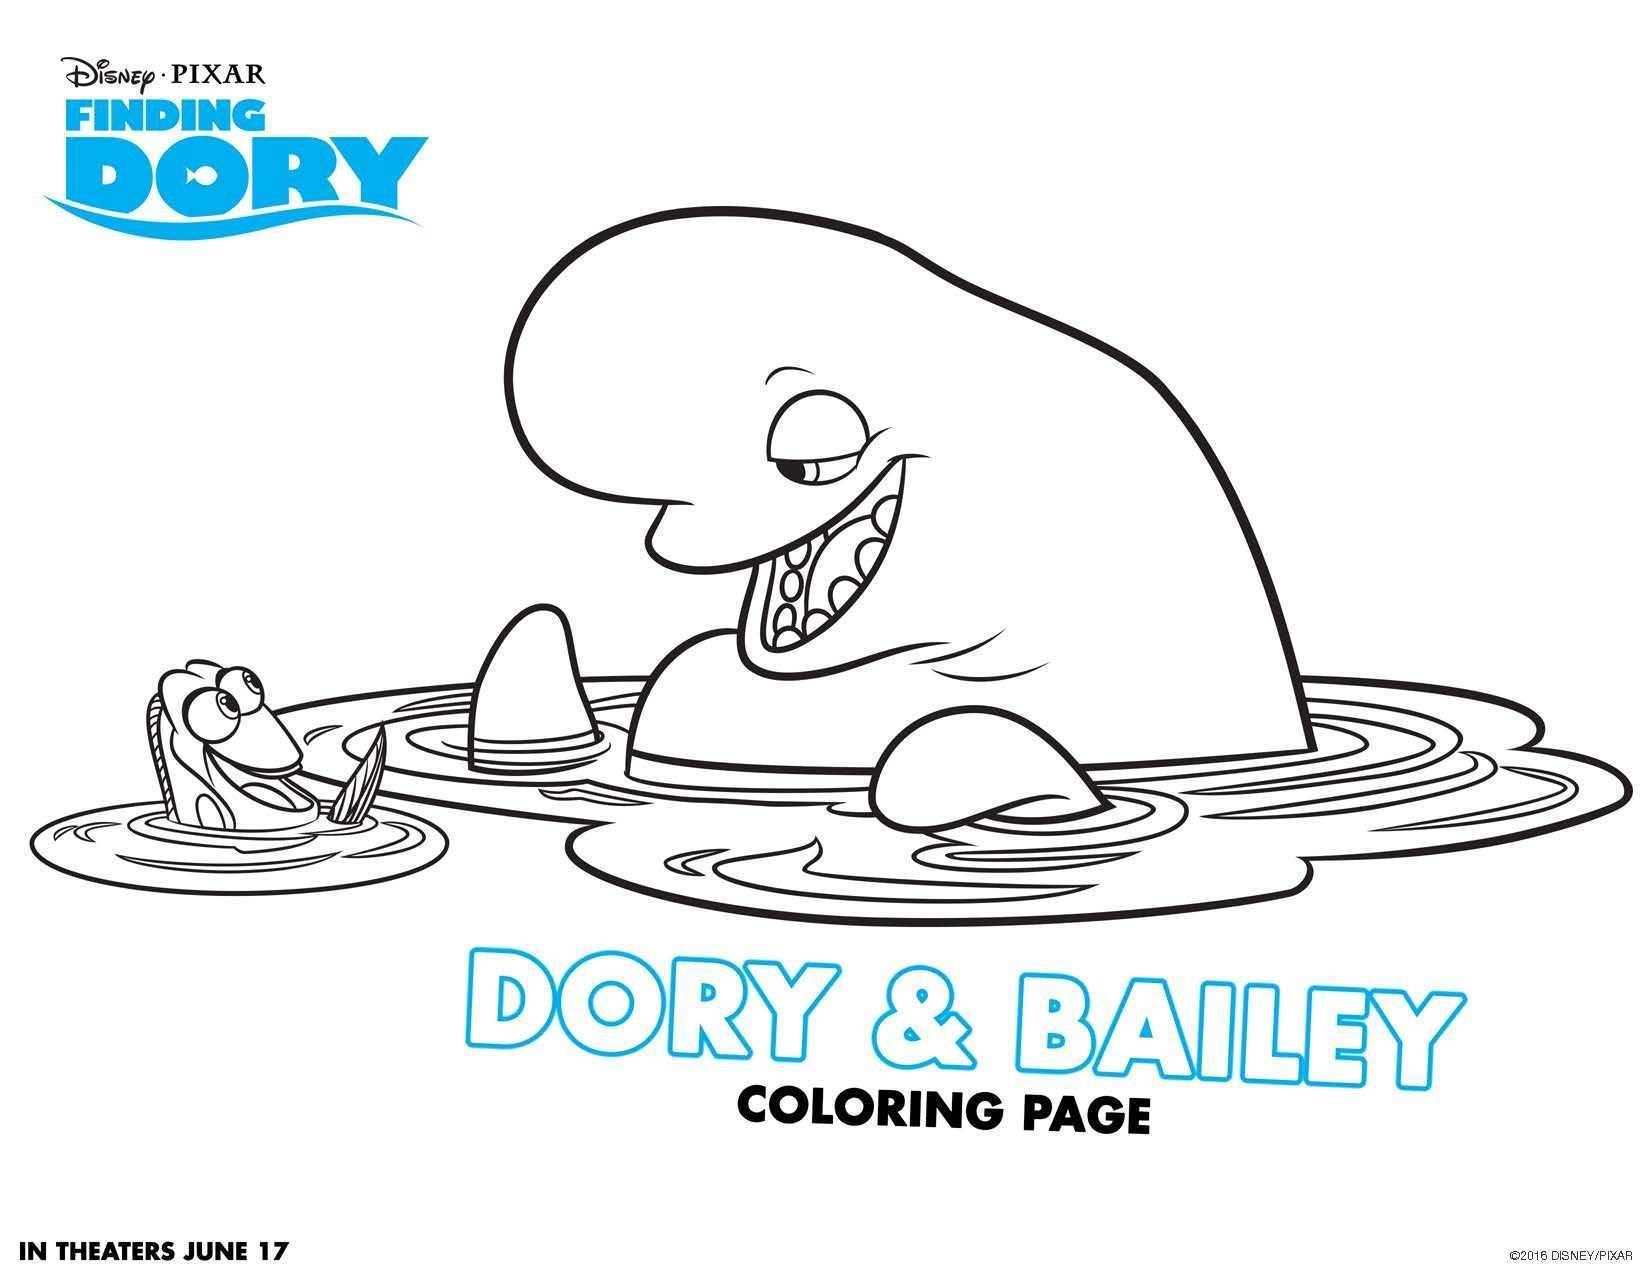 Disney Pixar S Finding Dory Dives Into Theatres June 16 In 3d Kleurplaten Gratis Kleurplaten Finding Nemo